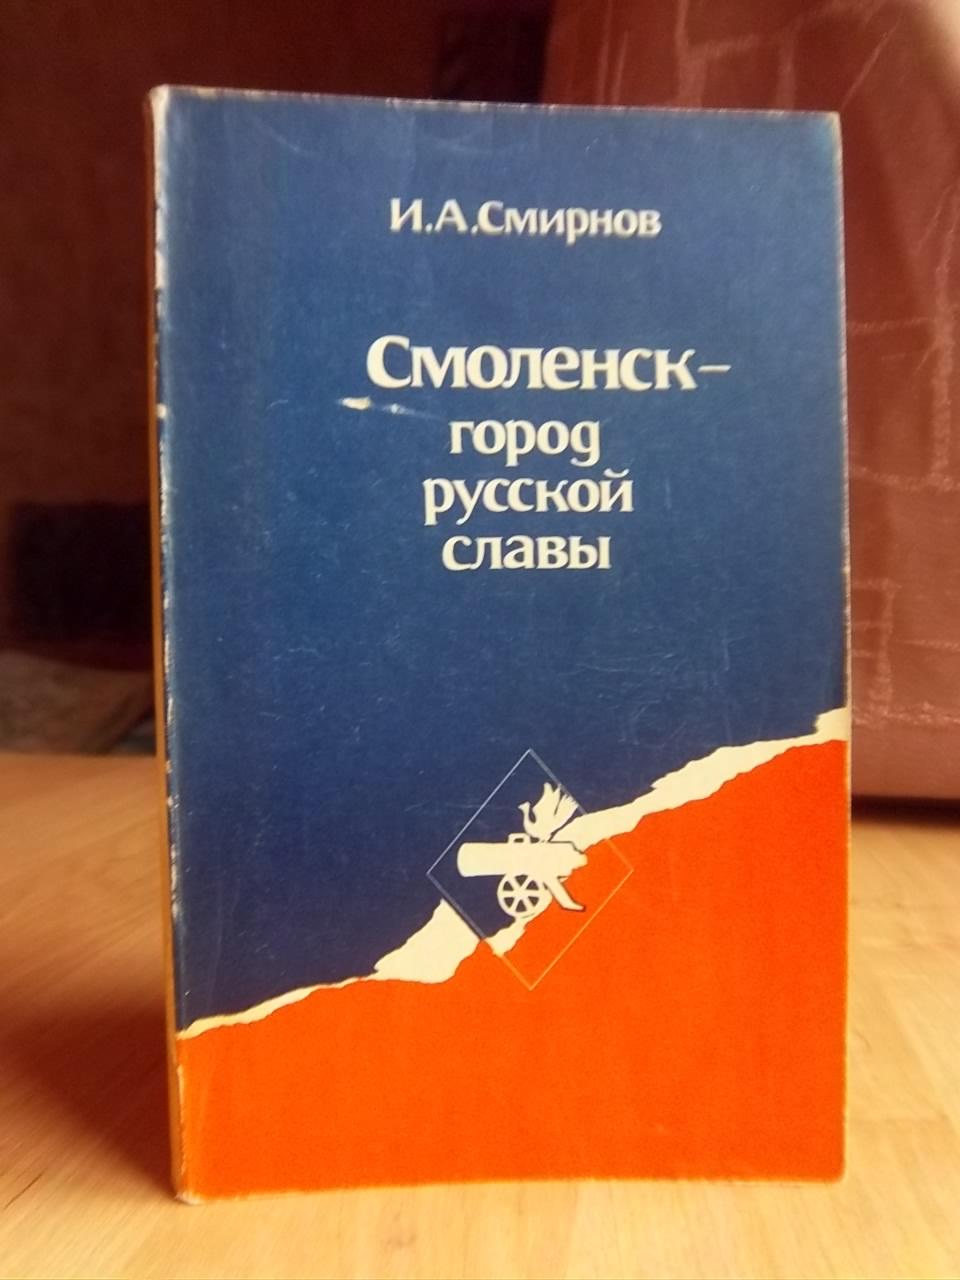 Смоленск - город русской славы